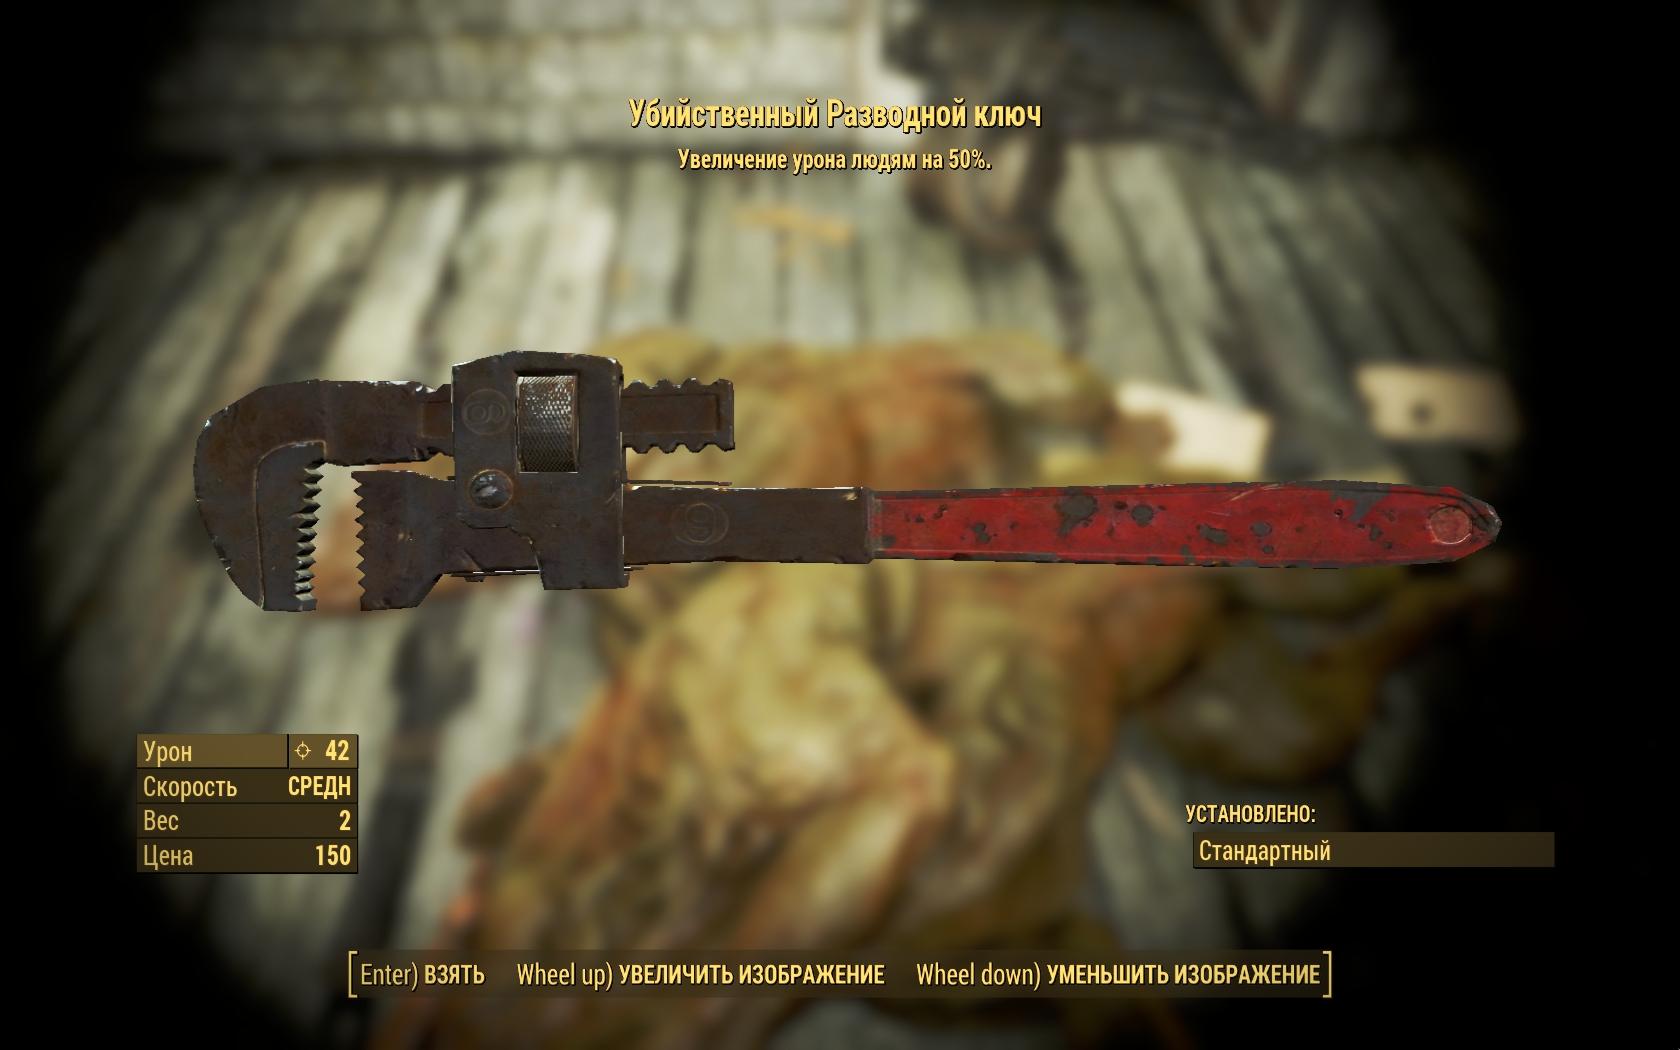 Убийственный разводной ключ - Fallout 4 ключ, Оружие, разводной, Убийственный